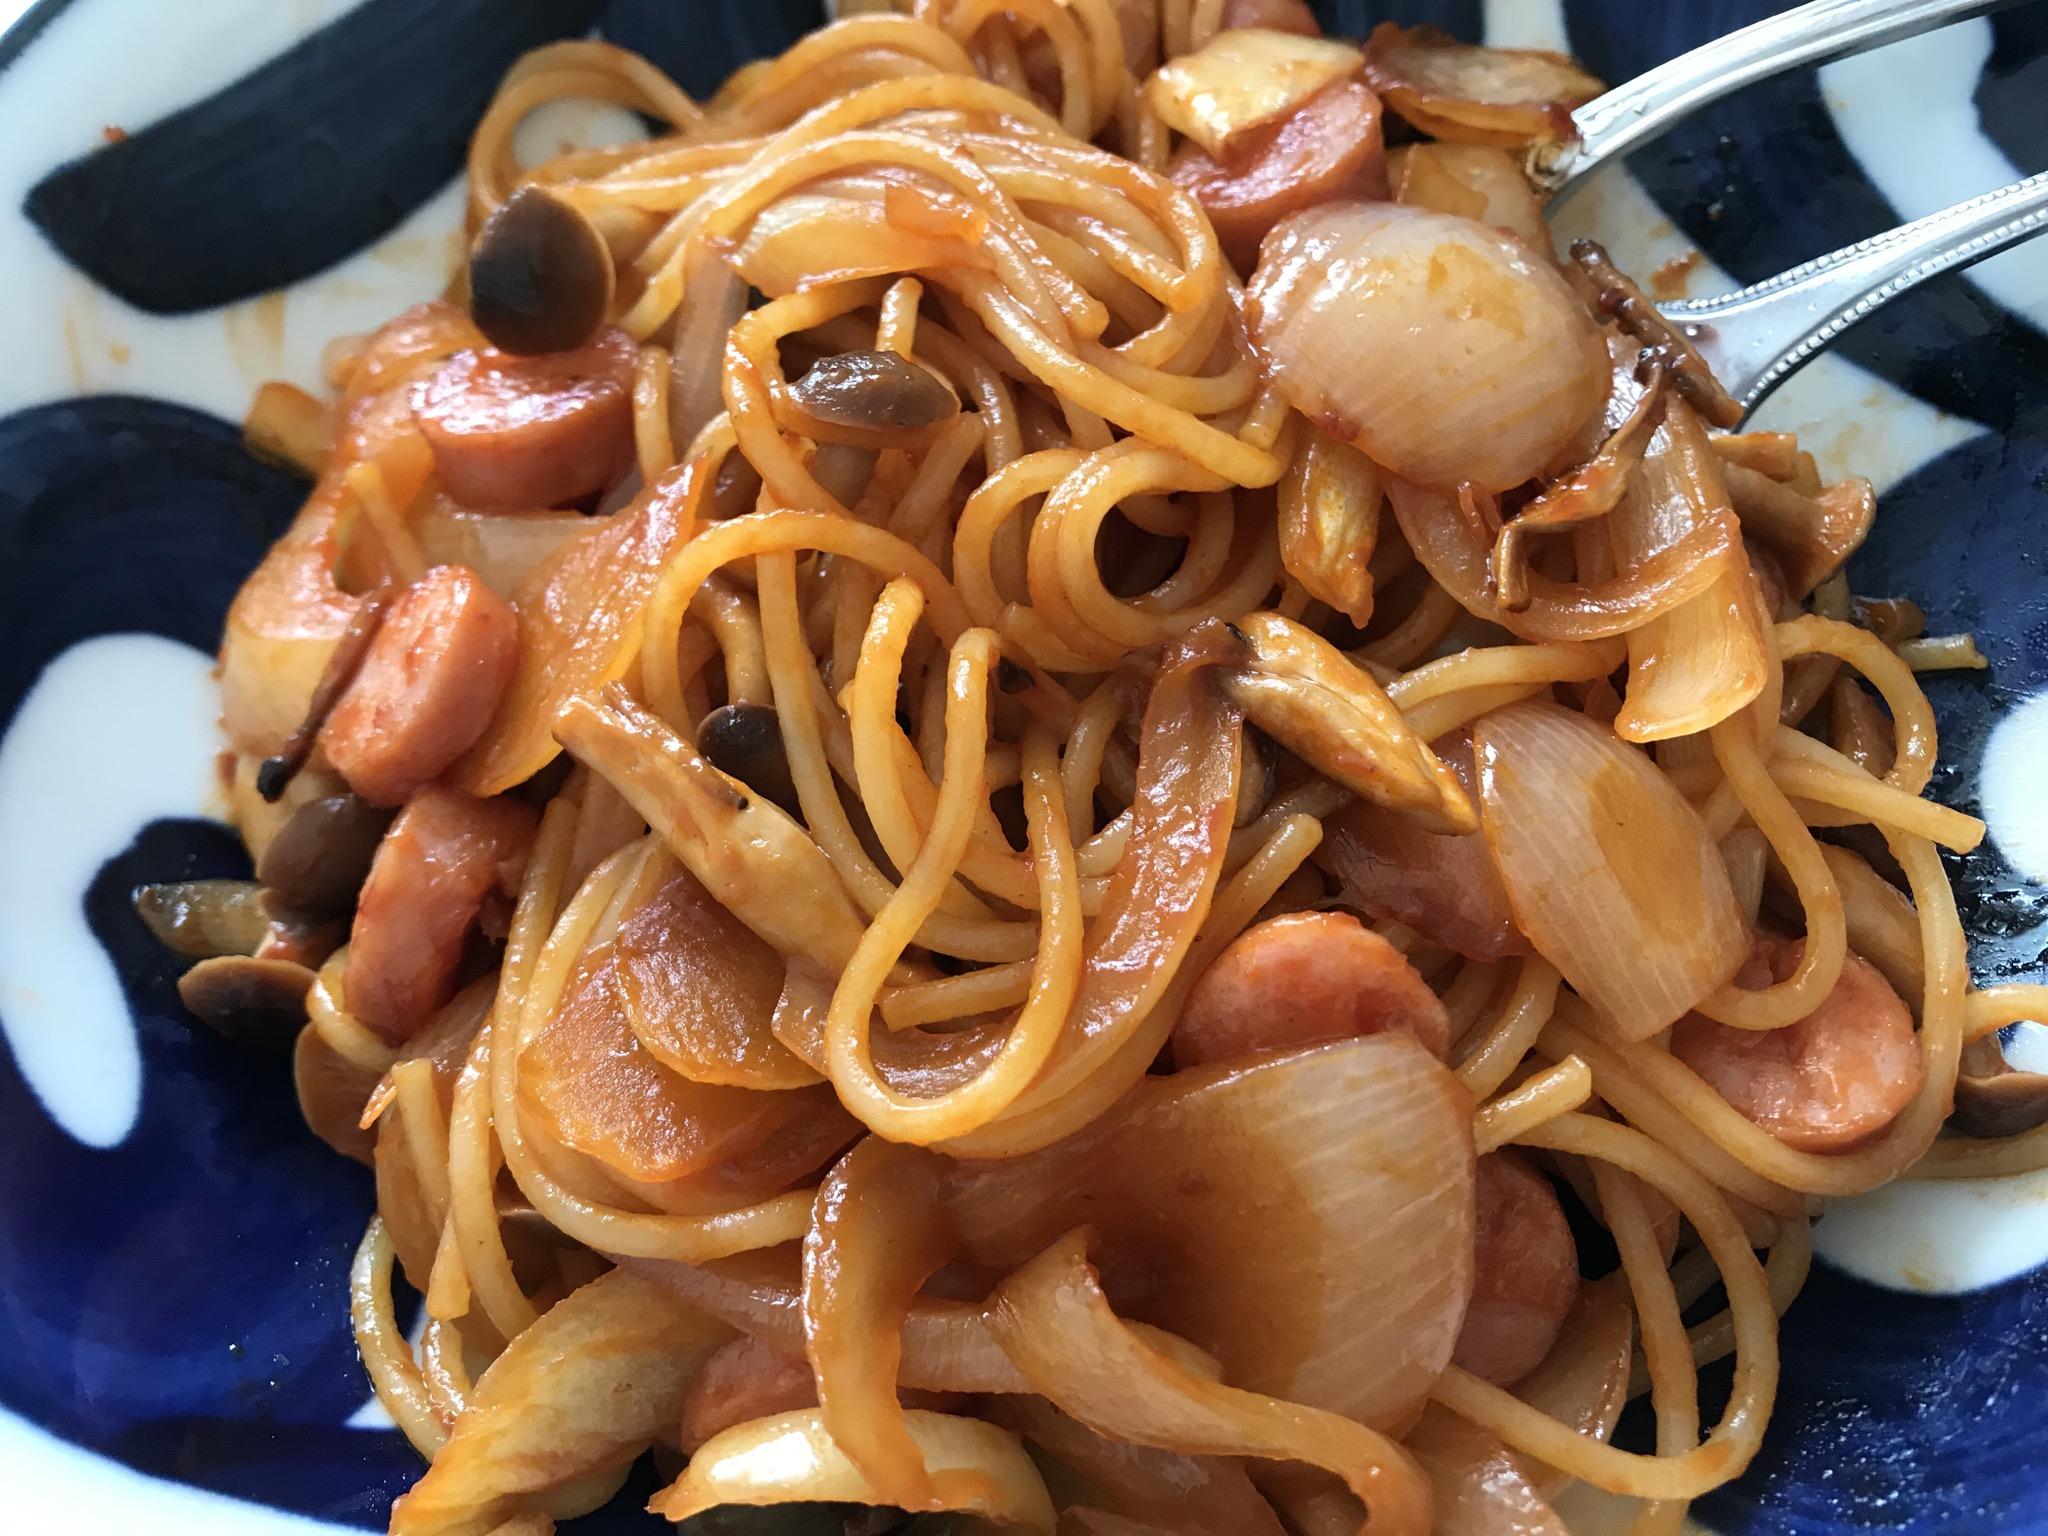 【門外不出レシピ】ホテルニューオータニレシピが簡単で美味しい☺︎!_1